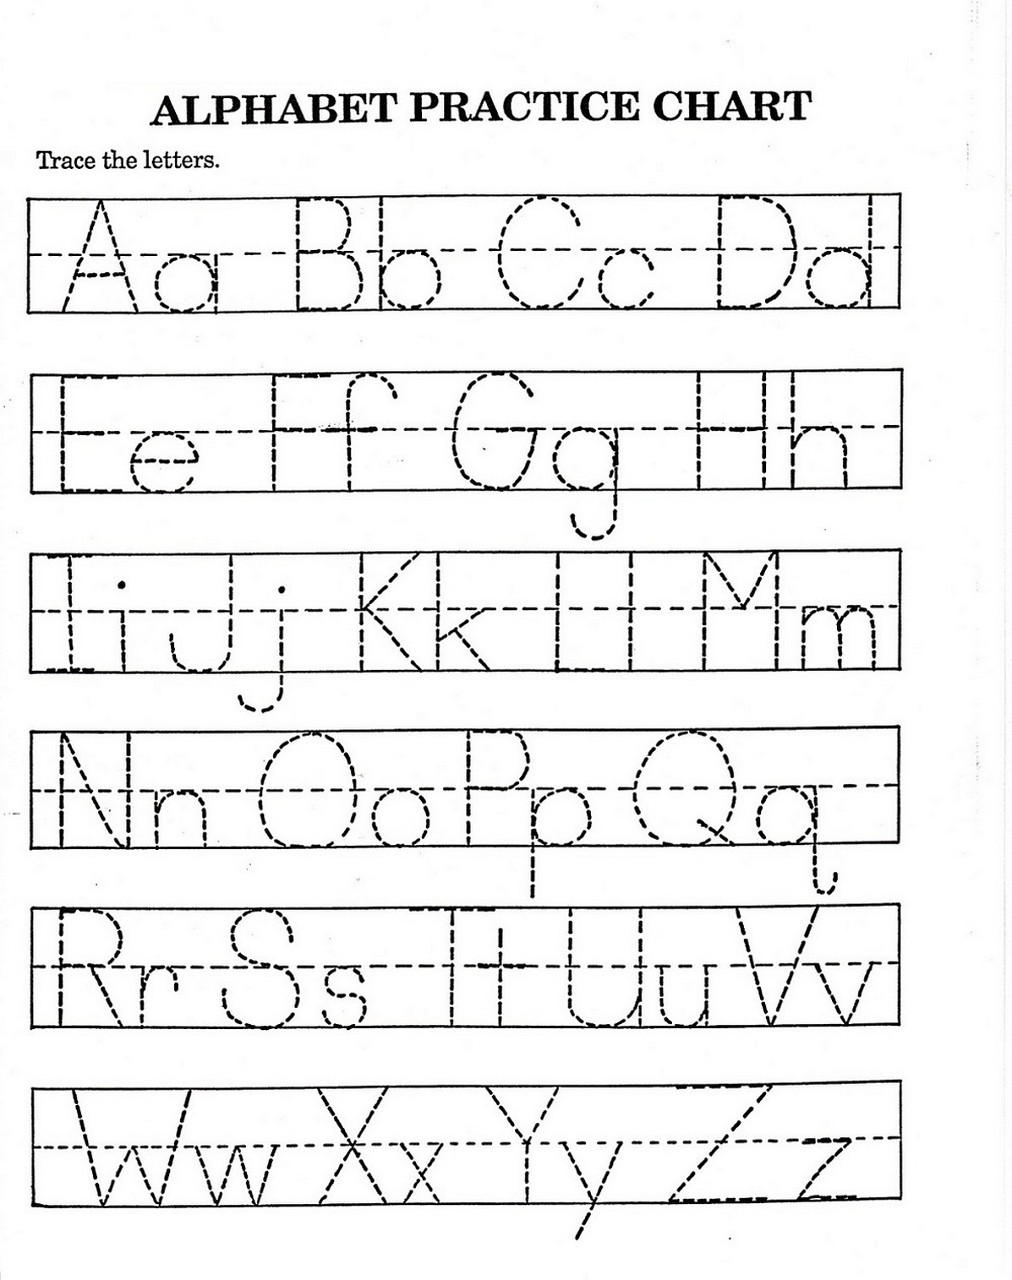 traceable alphabet a-z activity